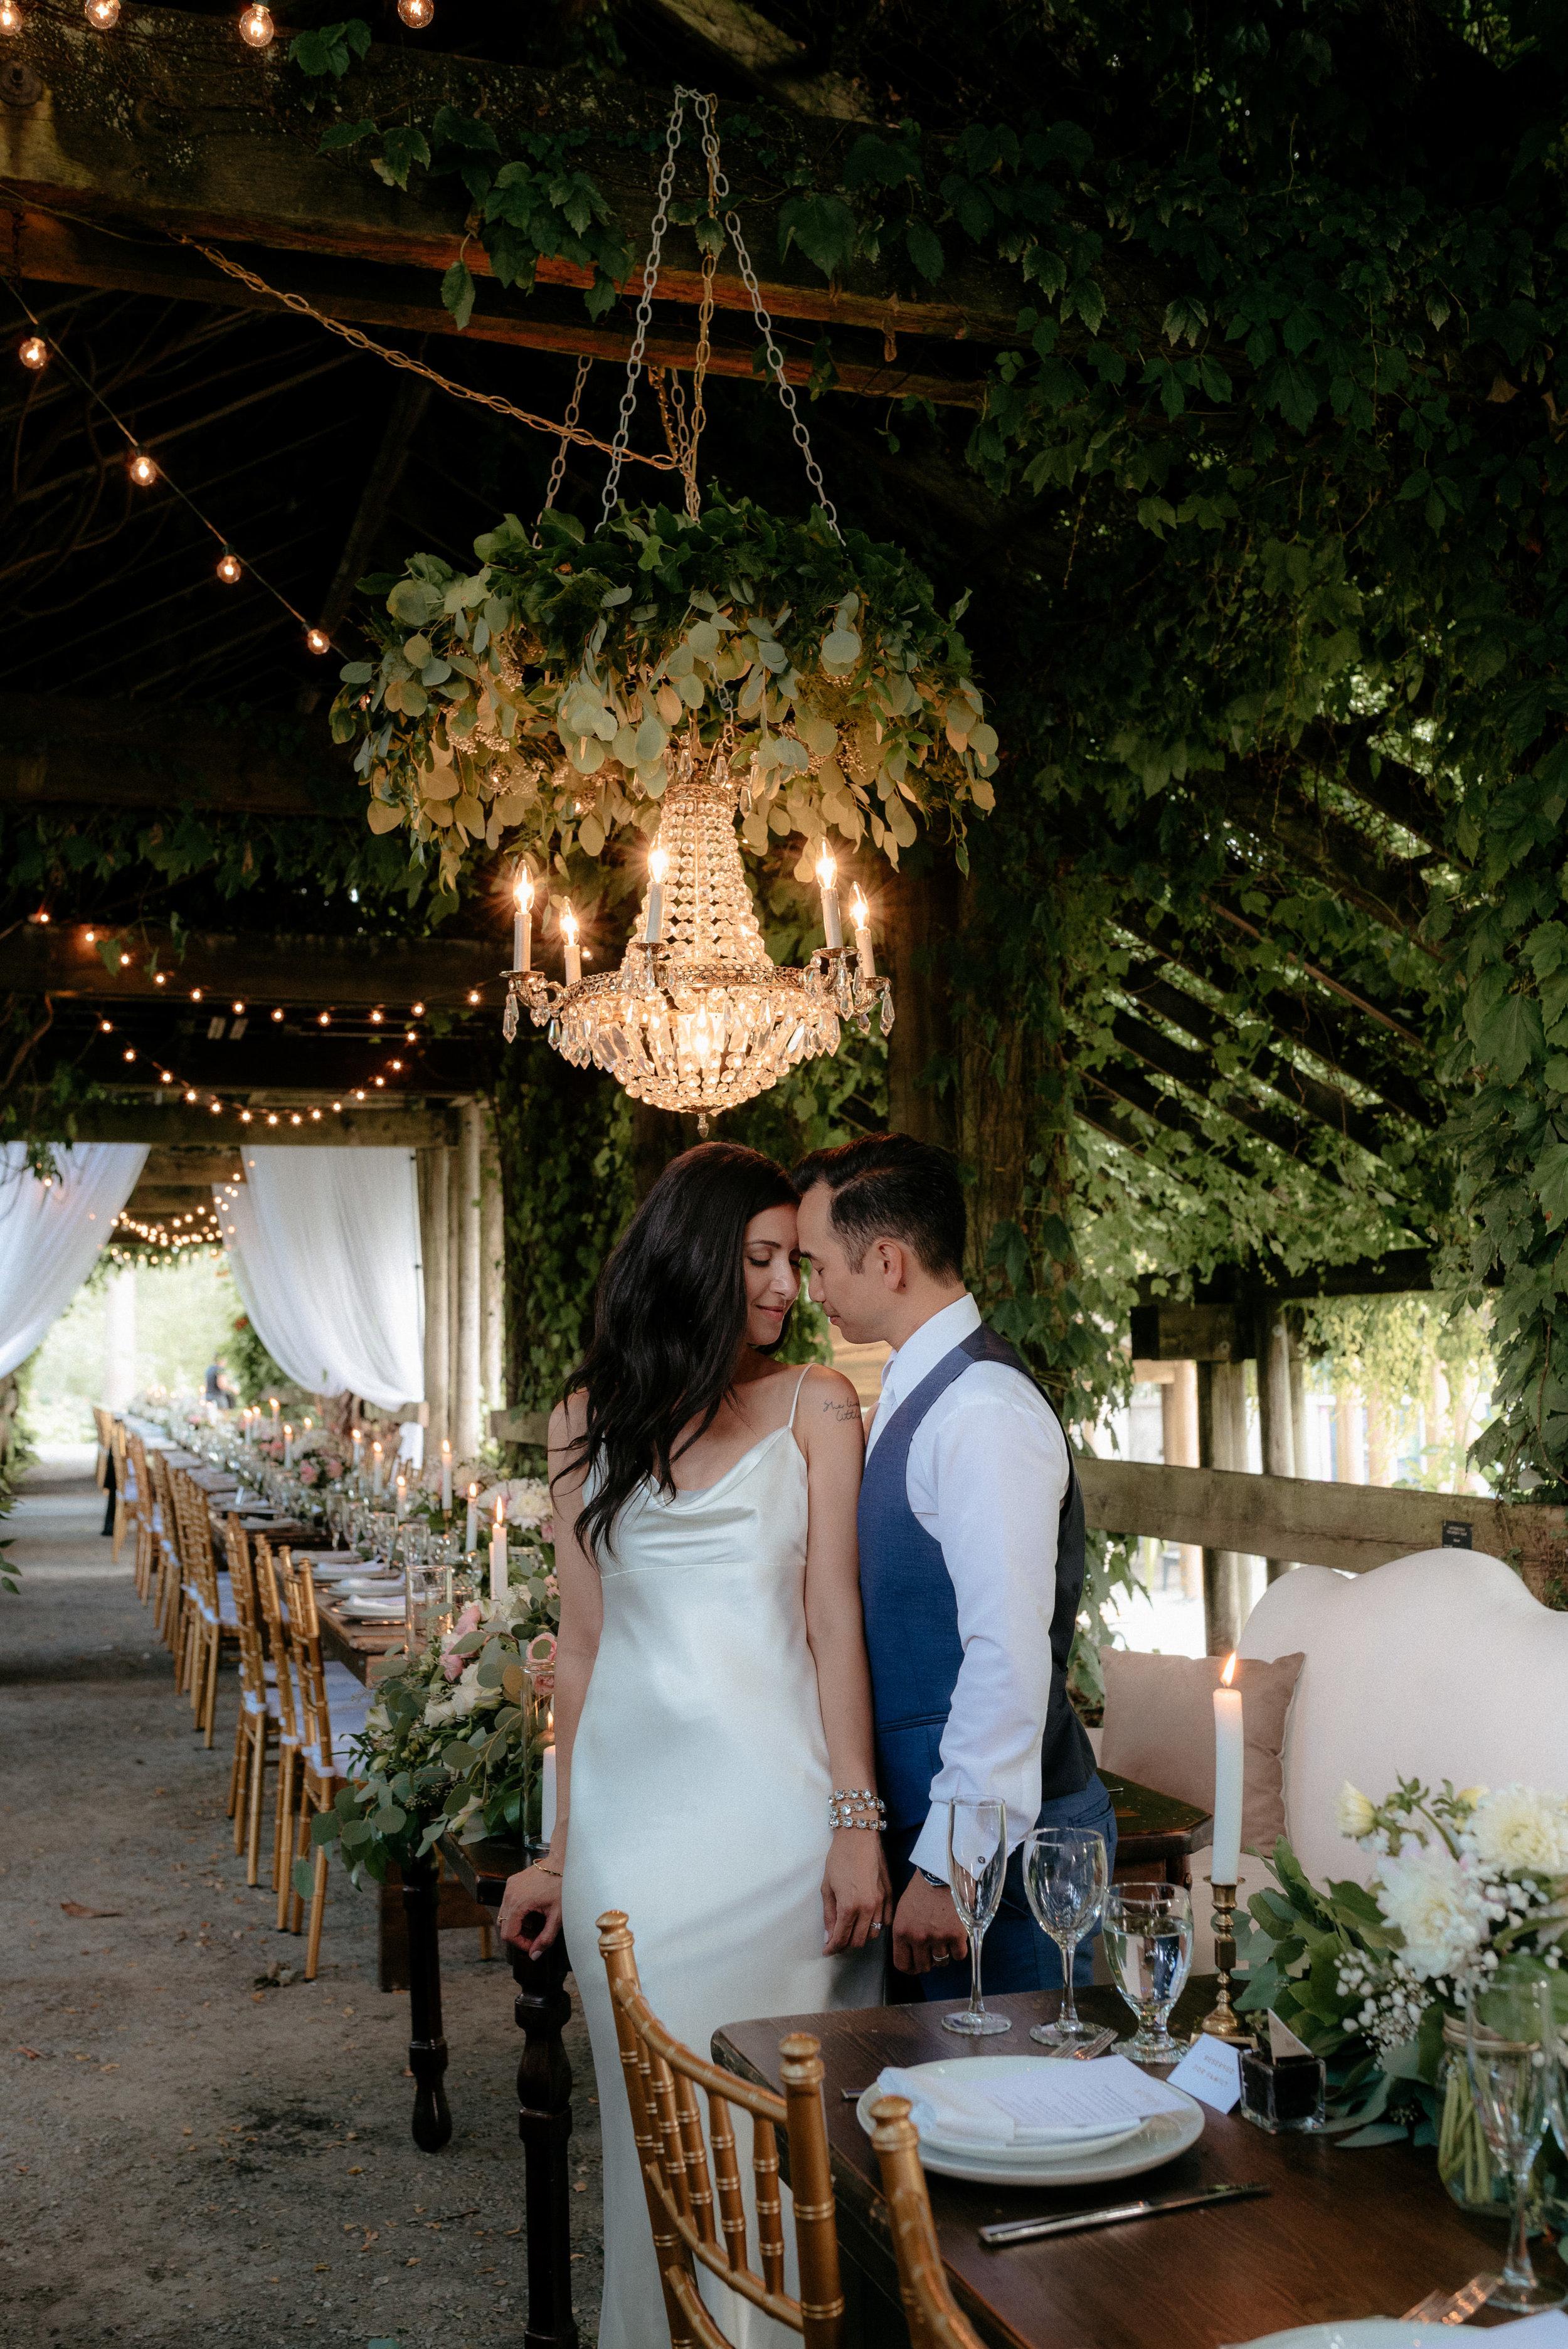 UBC botanical garden Wedding Sanaz + Vince08111805299090.jpg